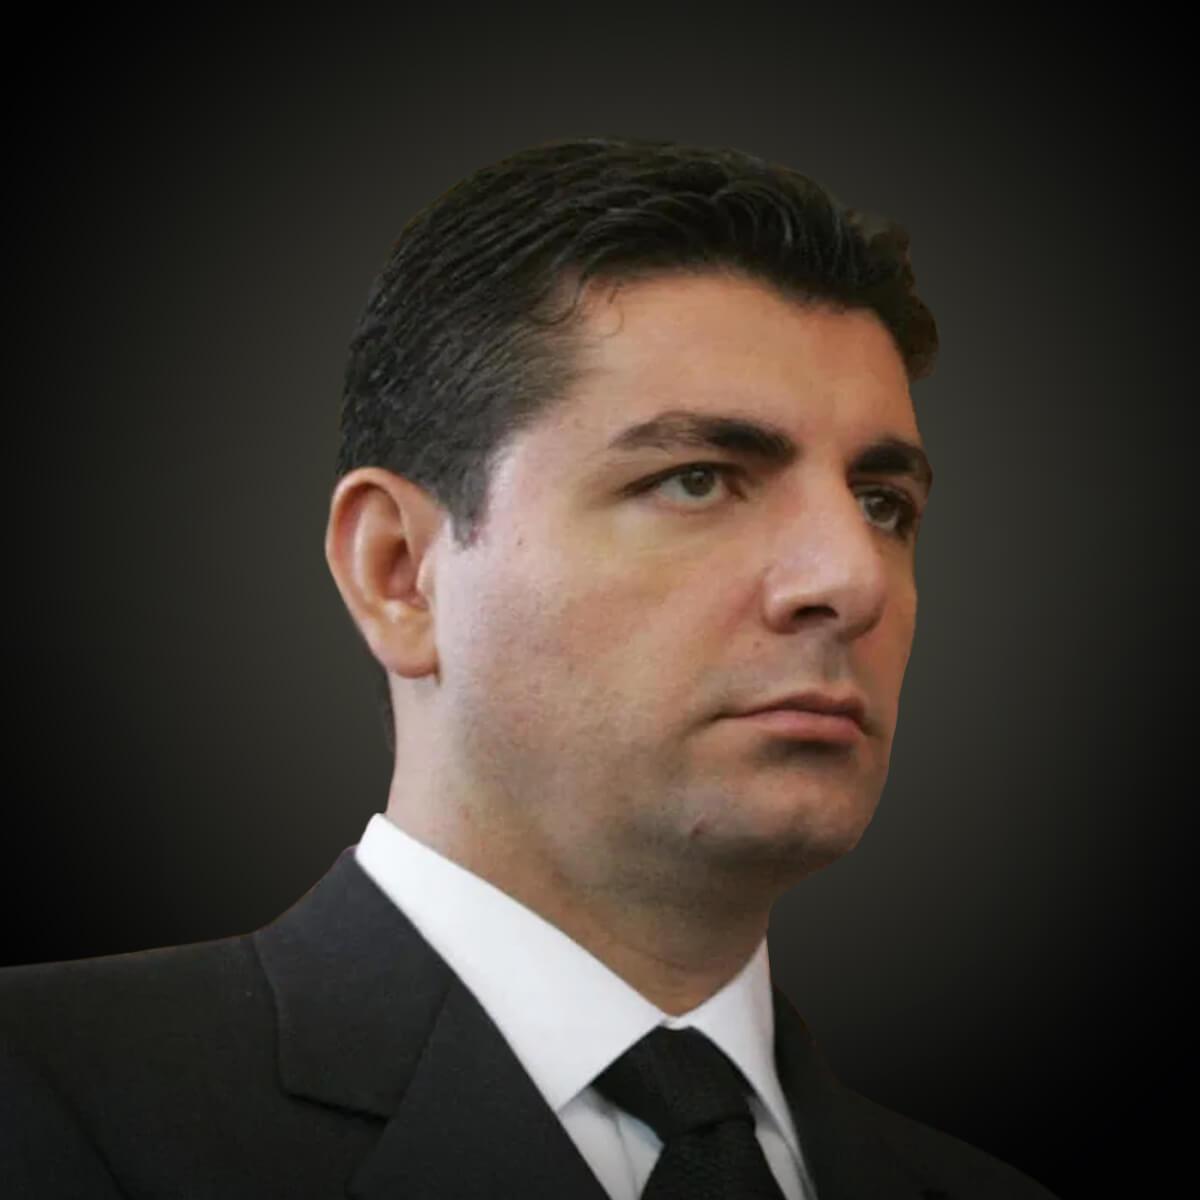 بهاء الحريري